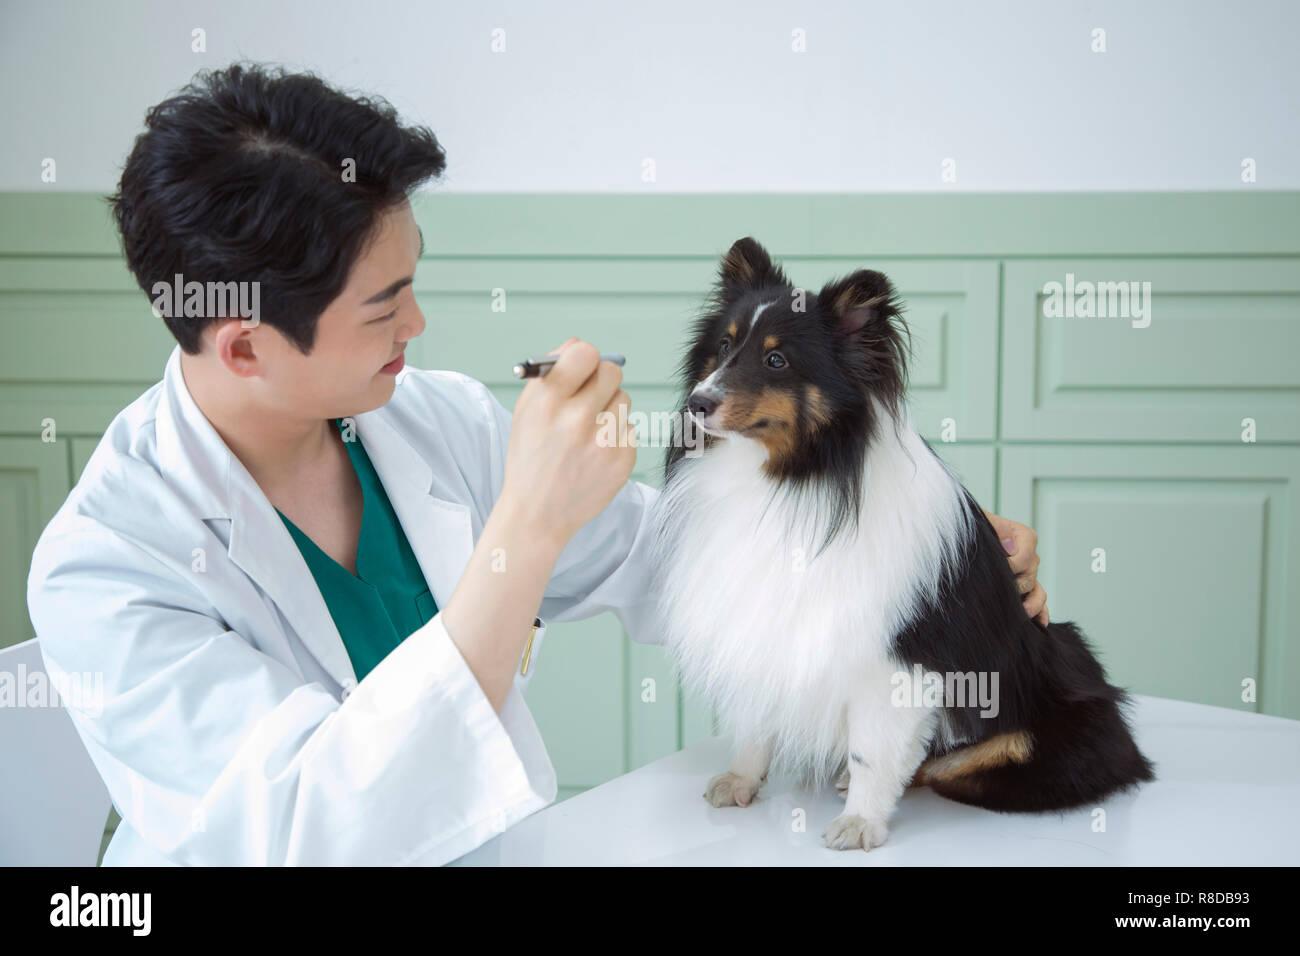 80d4345aa Animales y Mascotas Cuidado de la salud del concepto médico veterinario con  estetoscopio verificando la salud del perro en la clínica. 023